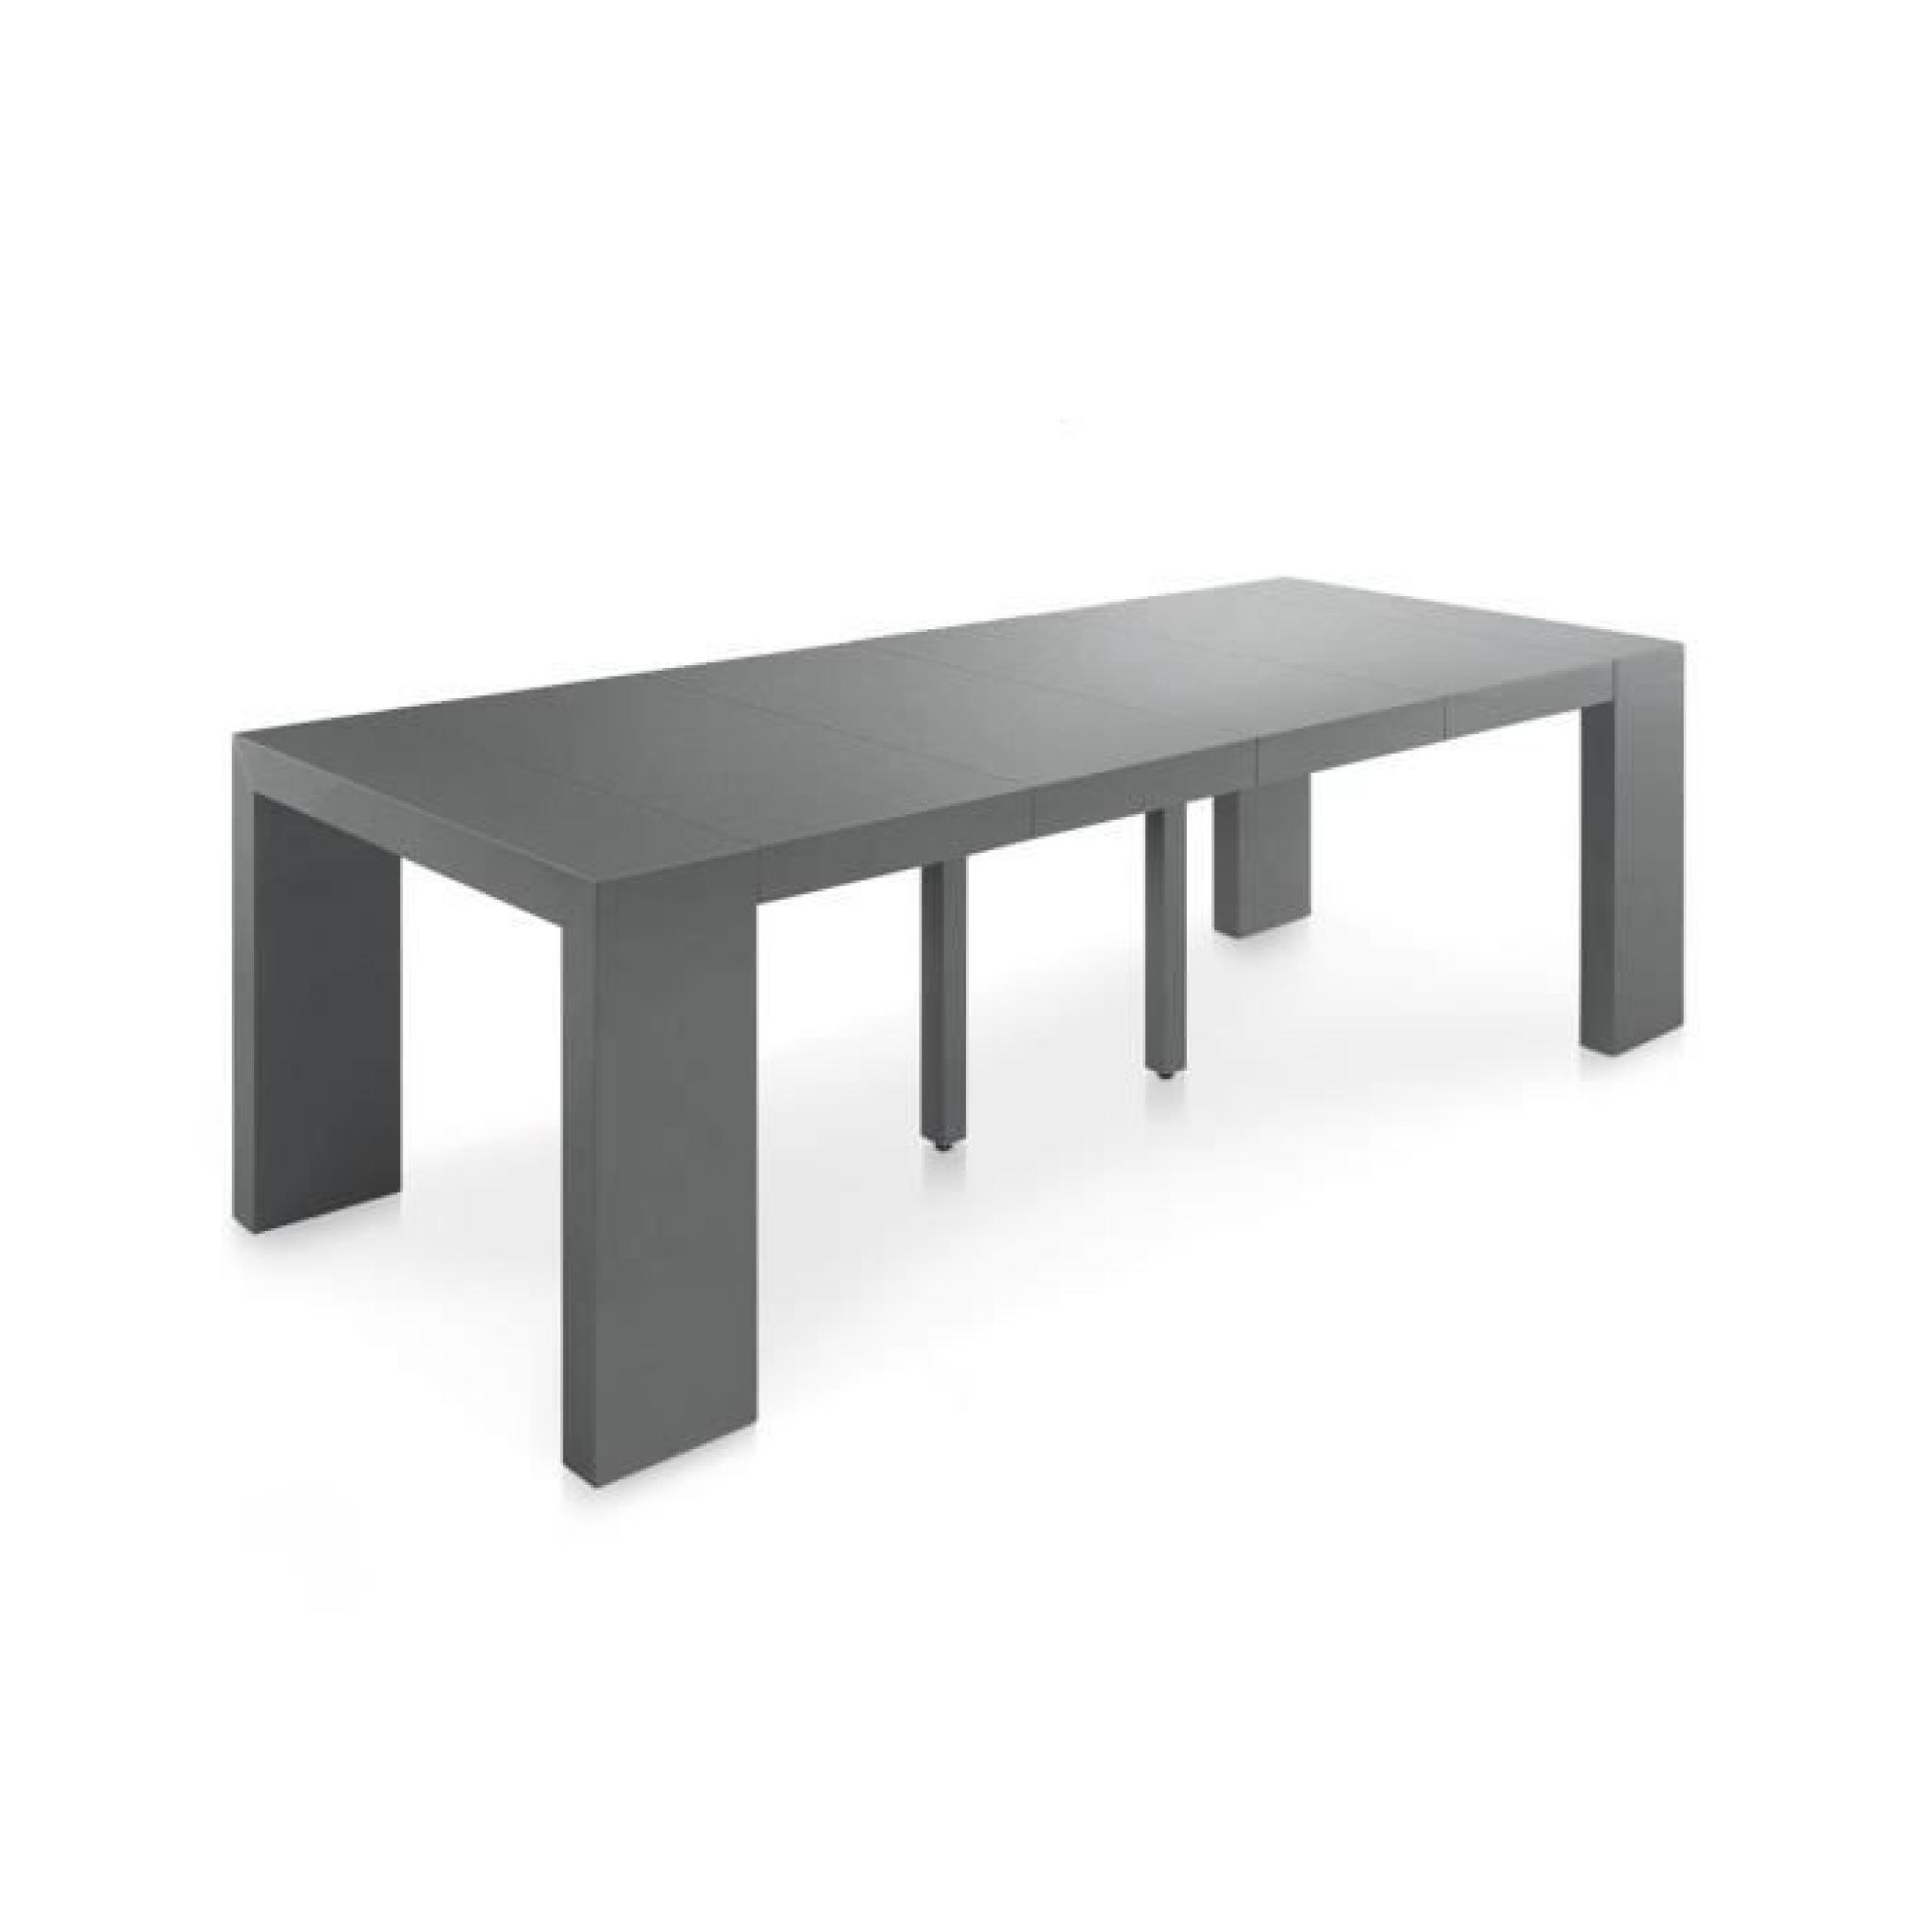 table console extensible pas cher 250 cm gris s achat. Black Bedroom Furniture Sets. Home Design Ideas